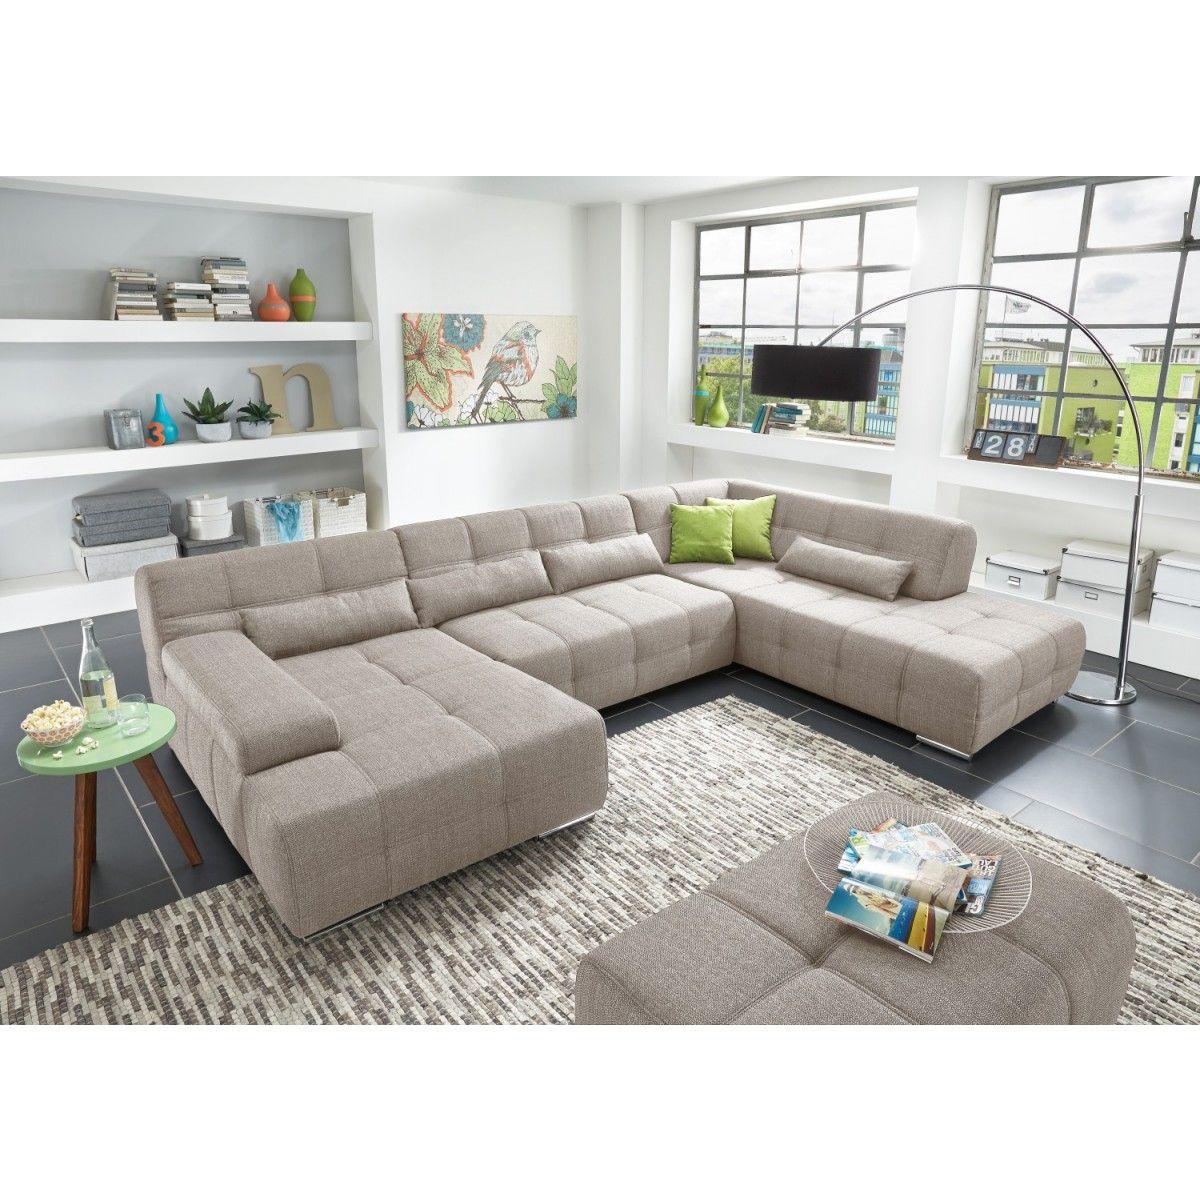 Sof ngulo u com cama boogie living room inspirations - Conforama valencia sofas ...